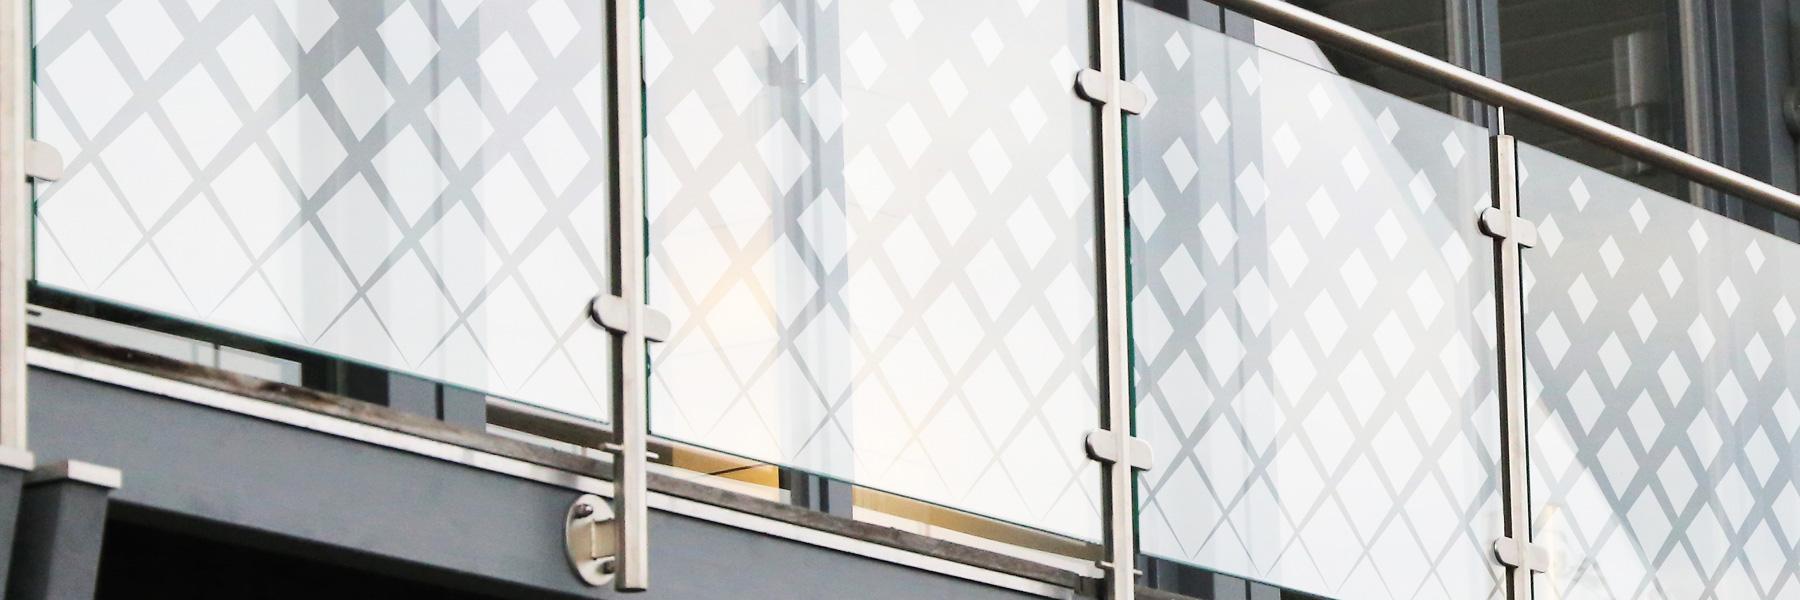 Slider Frilaser Premium Lasergrafur Moderne Glasgestaltung Glaslaser